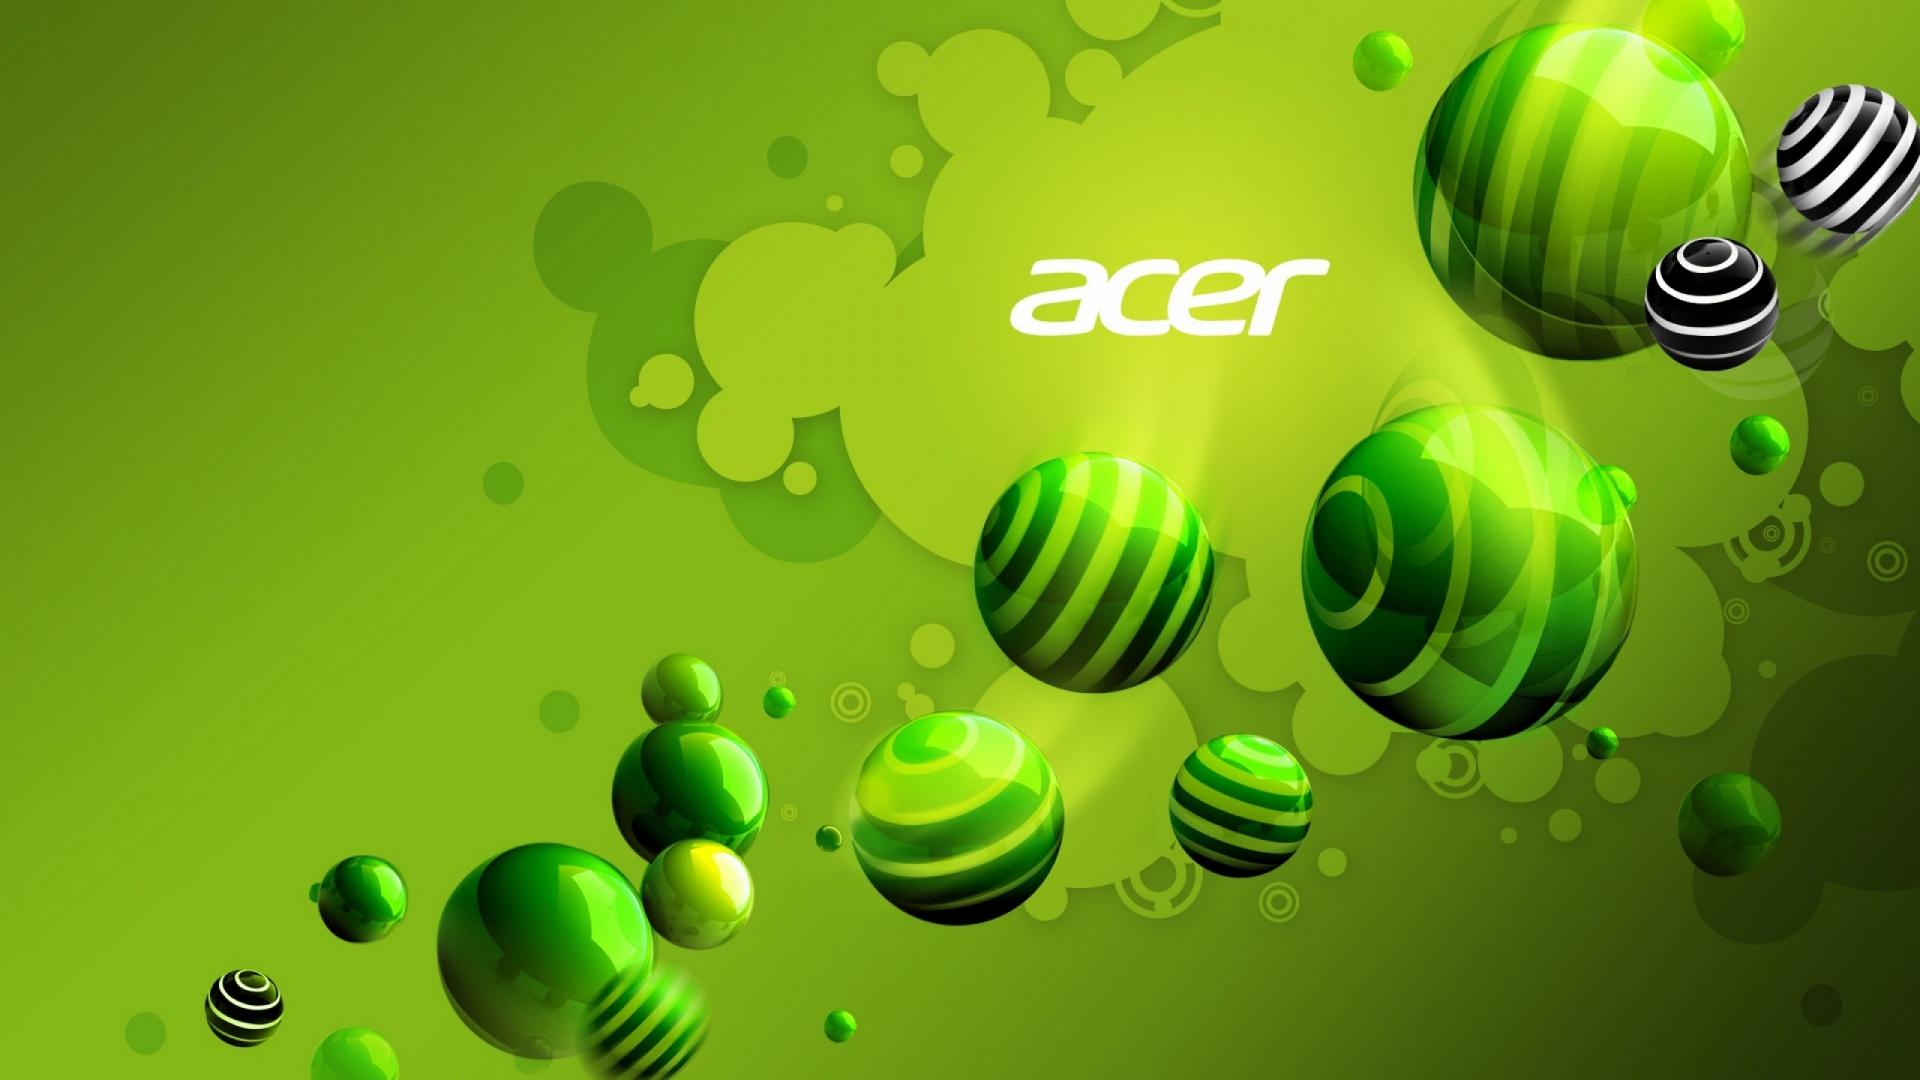 http://3.bp.blogspot.com/-35BM5qOW_GE/UHVm7IHnoCI/AAAAAAAALyY/6ggCeEOqO-k/s0/acer-green-ball-1920x1080.jpg